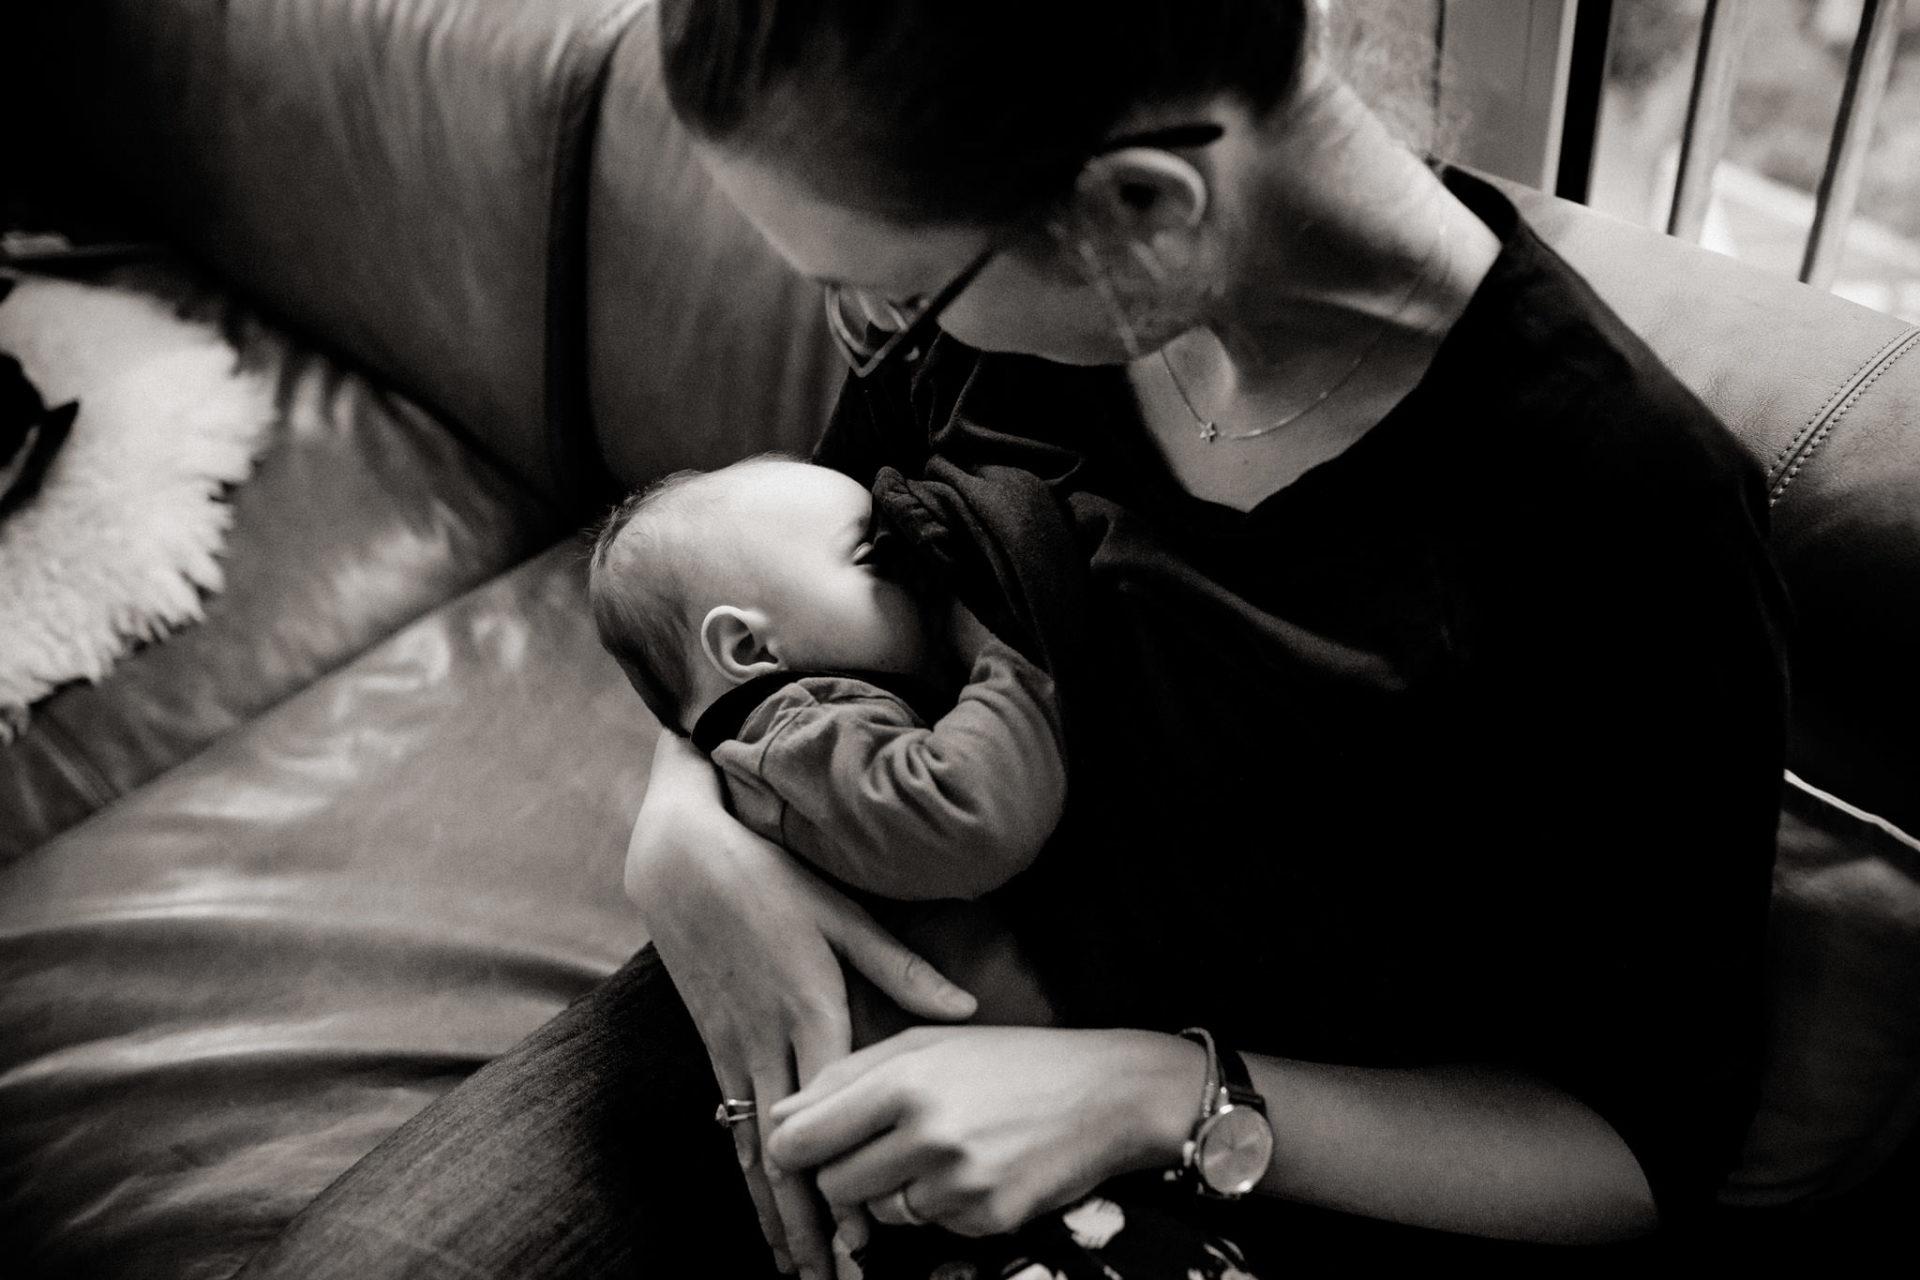 familienfotografie-mainz-journalistische-kinderbilder-mama-stillt-neugeborenes